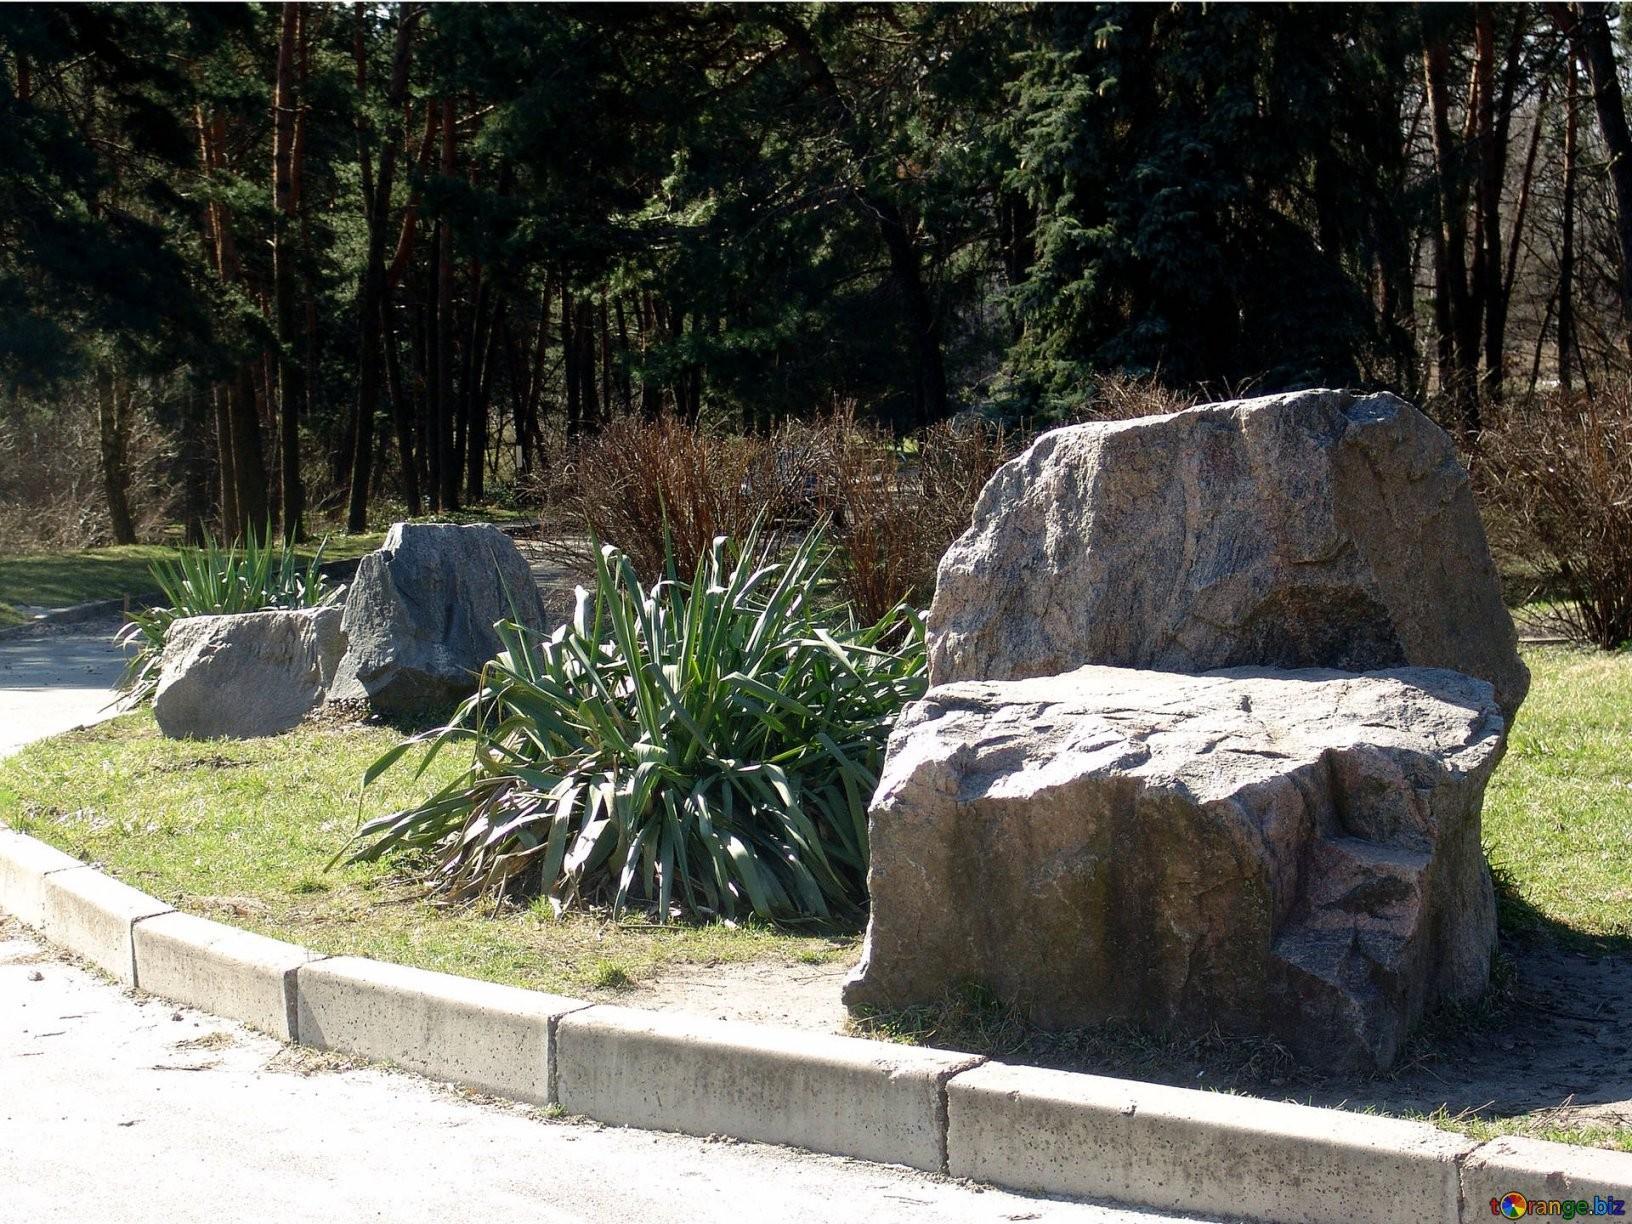 Steine Sind Große Steine Im Garten Berge № 1403 von Große Steine Für Den Garten Photo